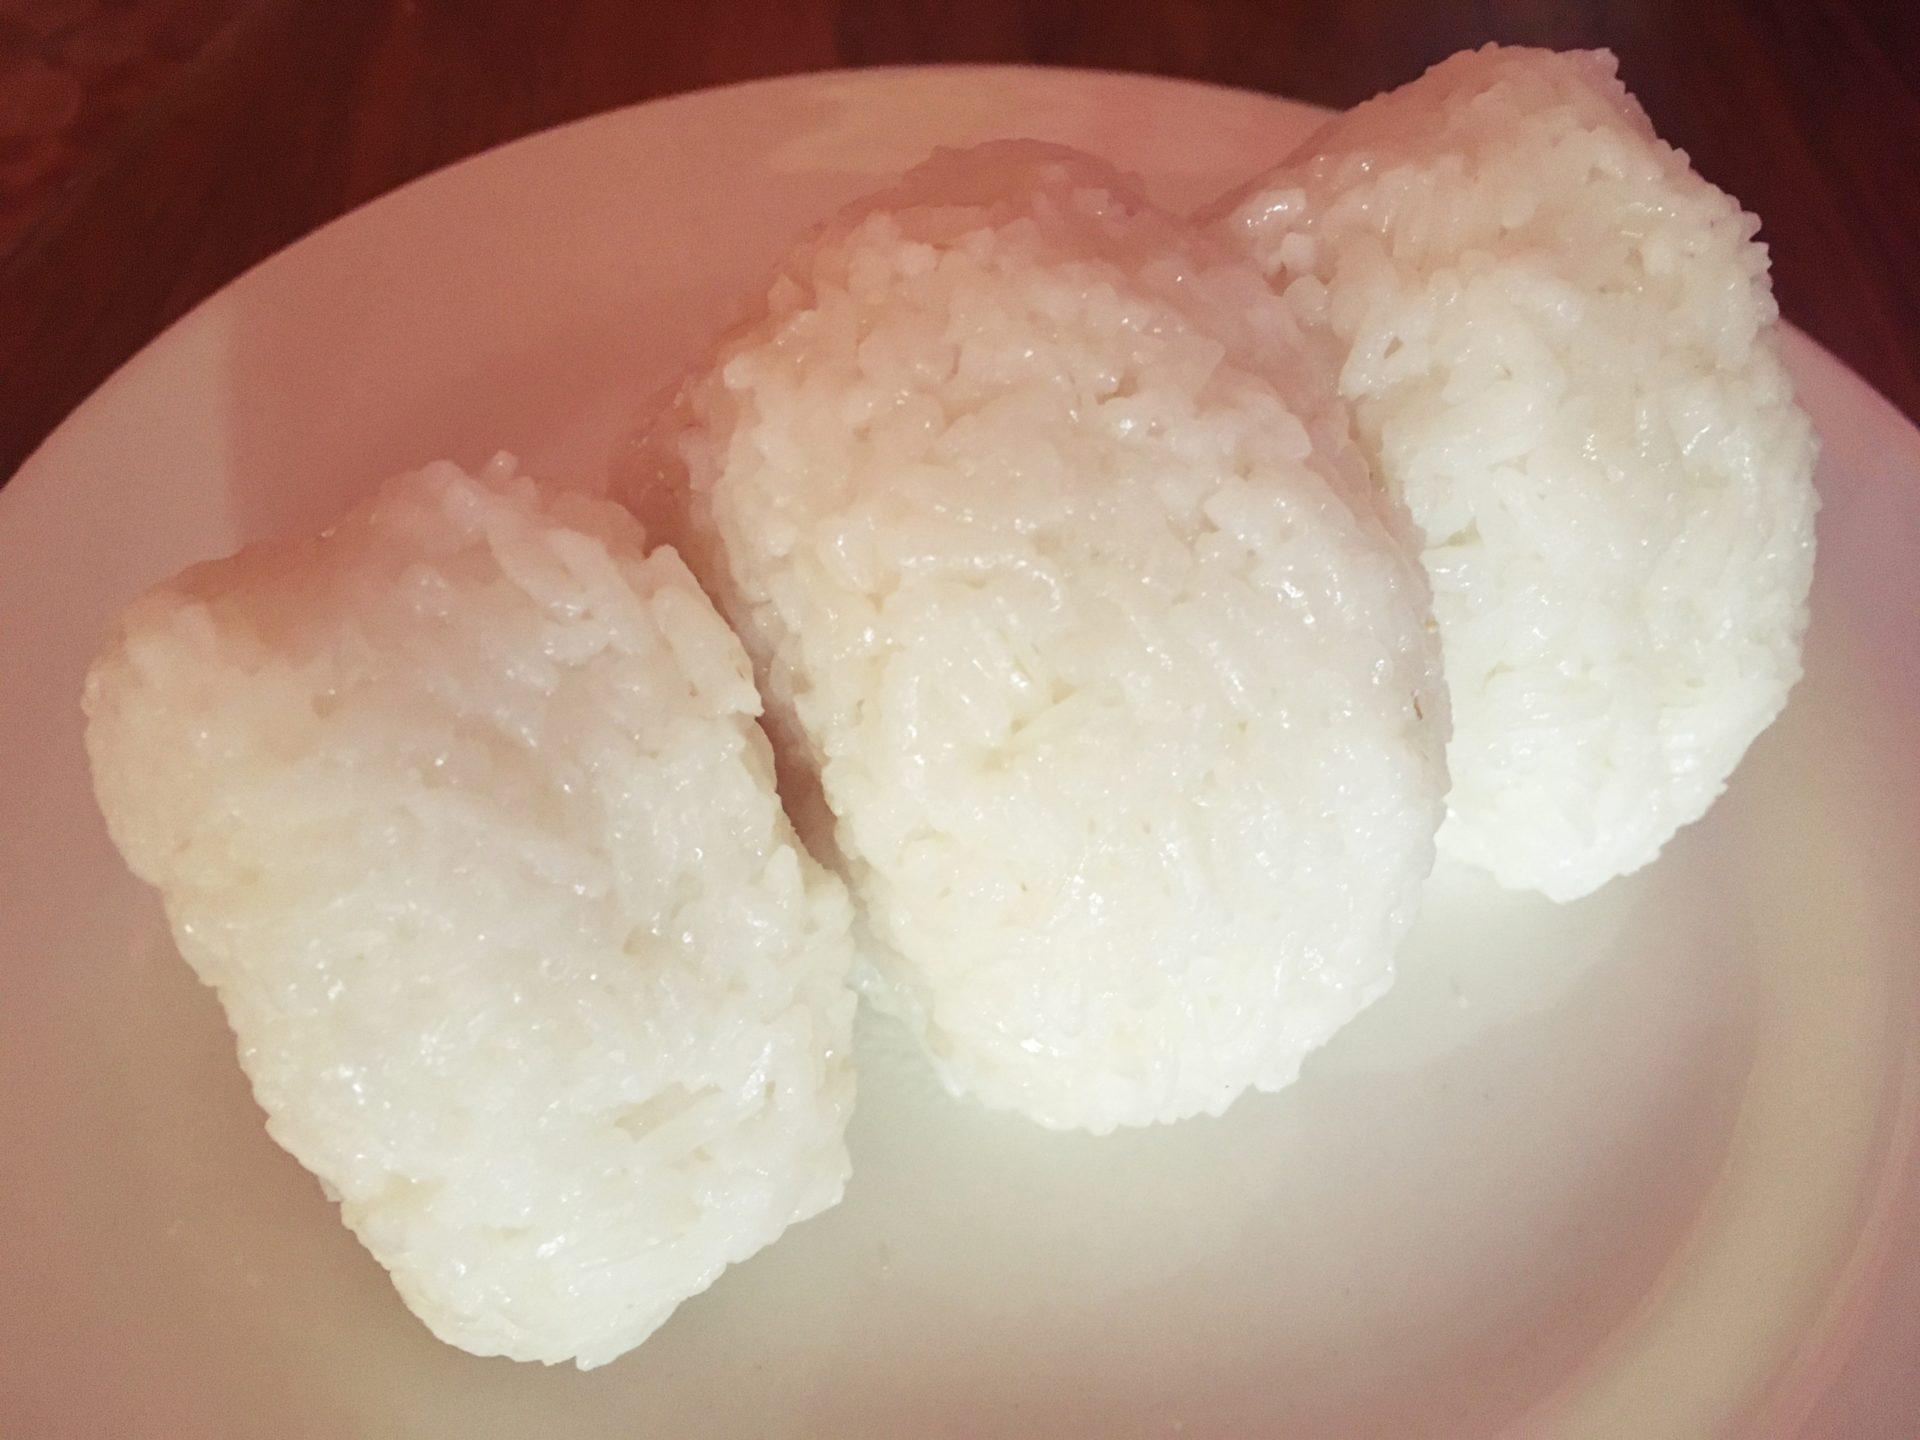 ペルー, クスコ, アンデス, お米, おいしい, 炊き方, 外米, 炭酸水